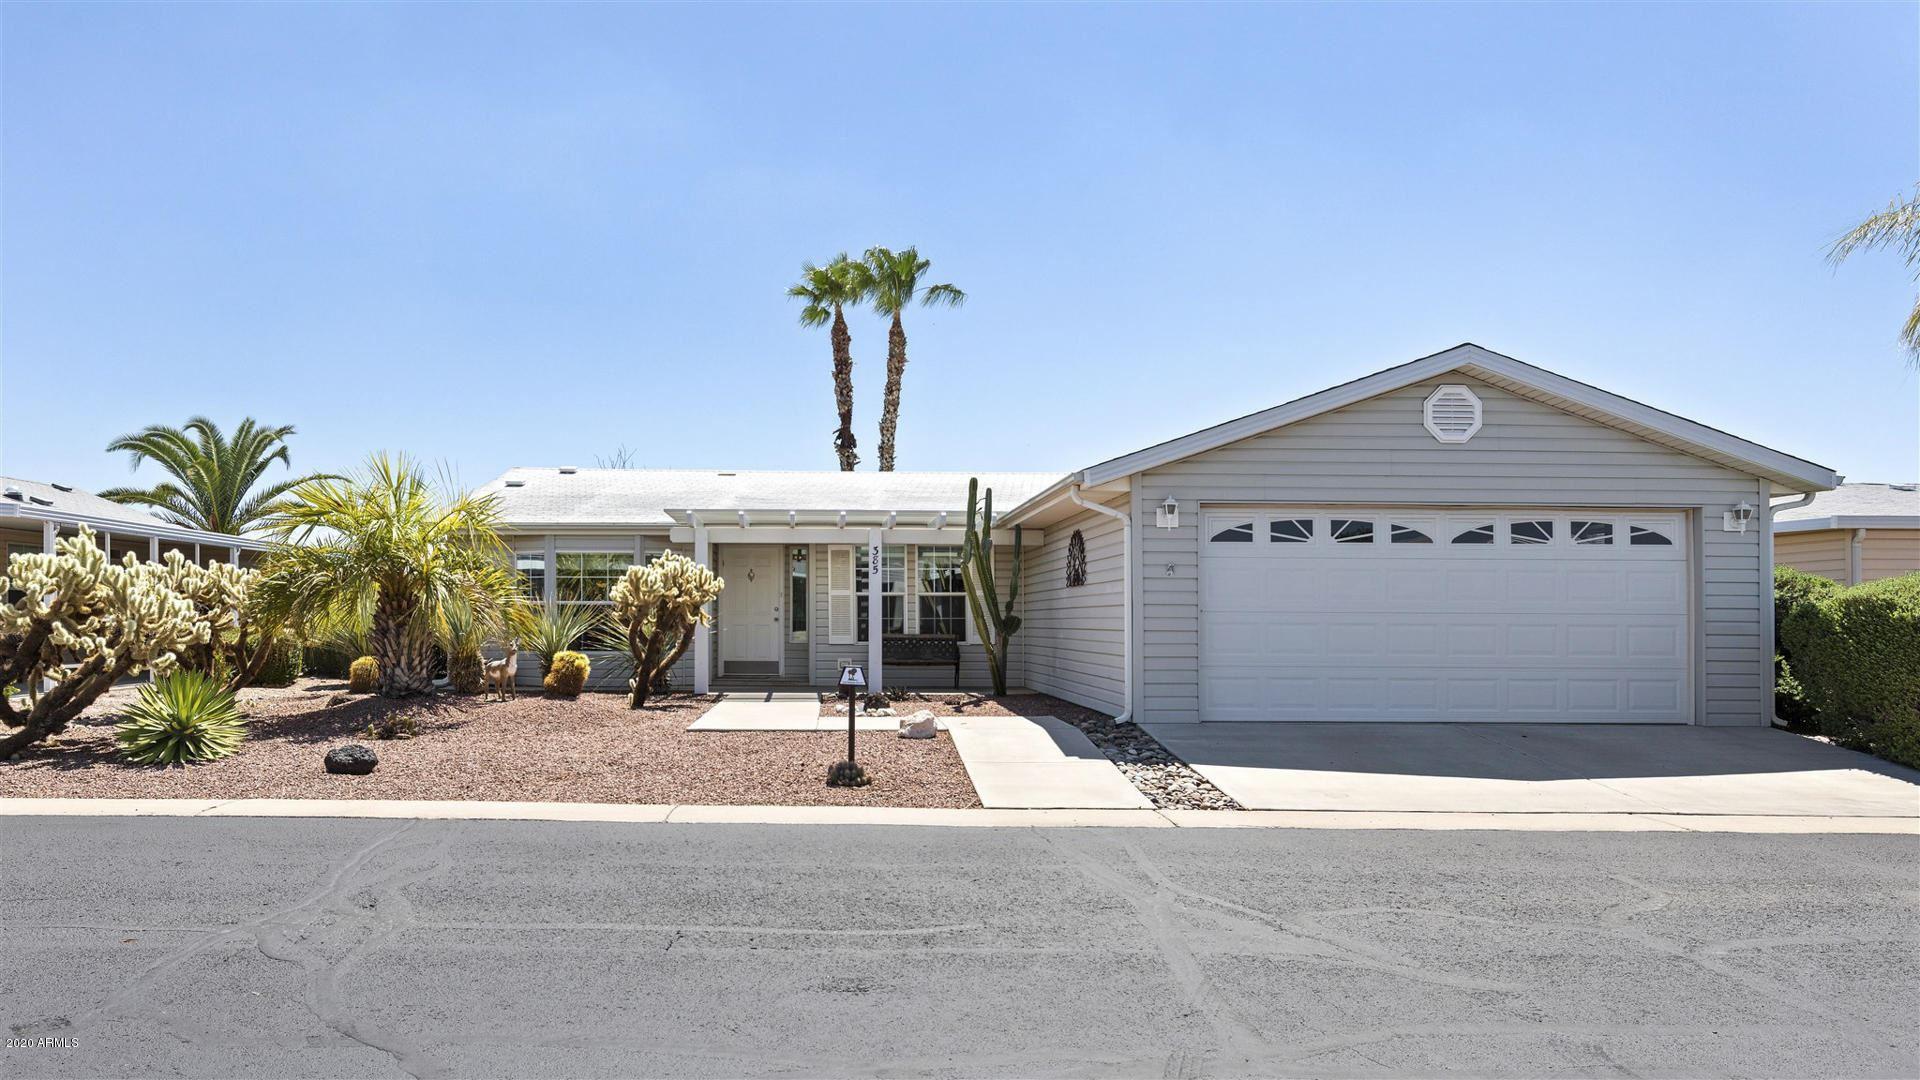 2550 S ELLSWORTH Road #385, Mesa, AZ 85209 - MLS#: 6127552